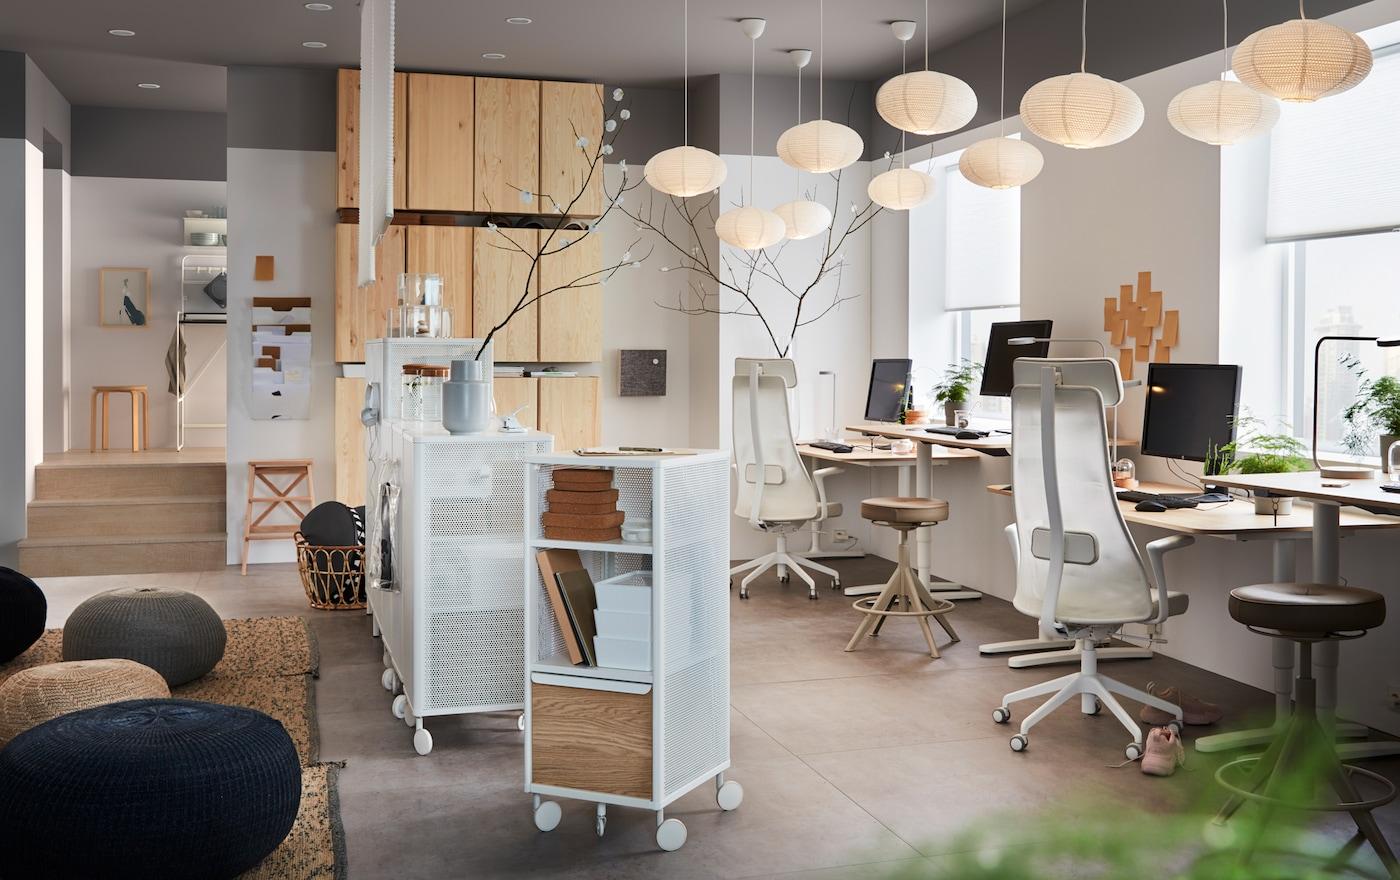 Een kantoor ingericht met ergonomische IKEA JÄRVFJÄLLET draaistoelen, IVAR opbergkasten en BEKANT bureaus.